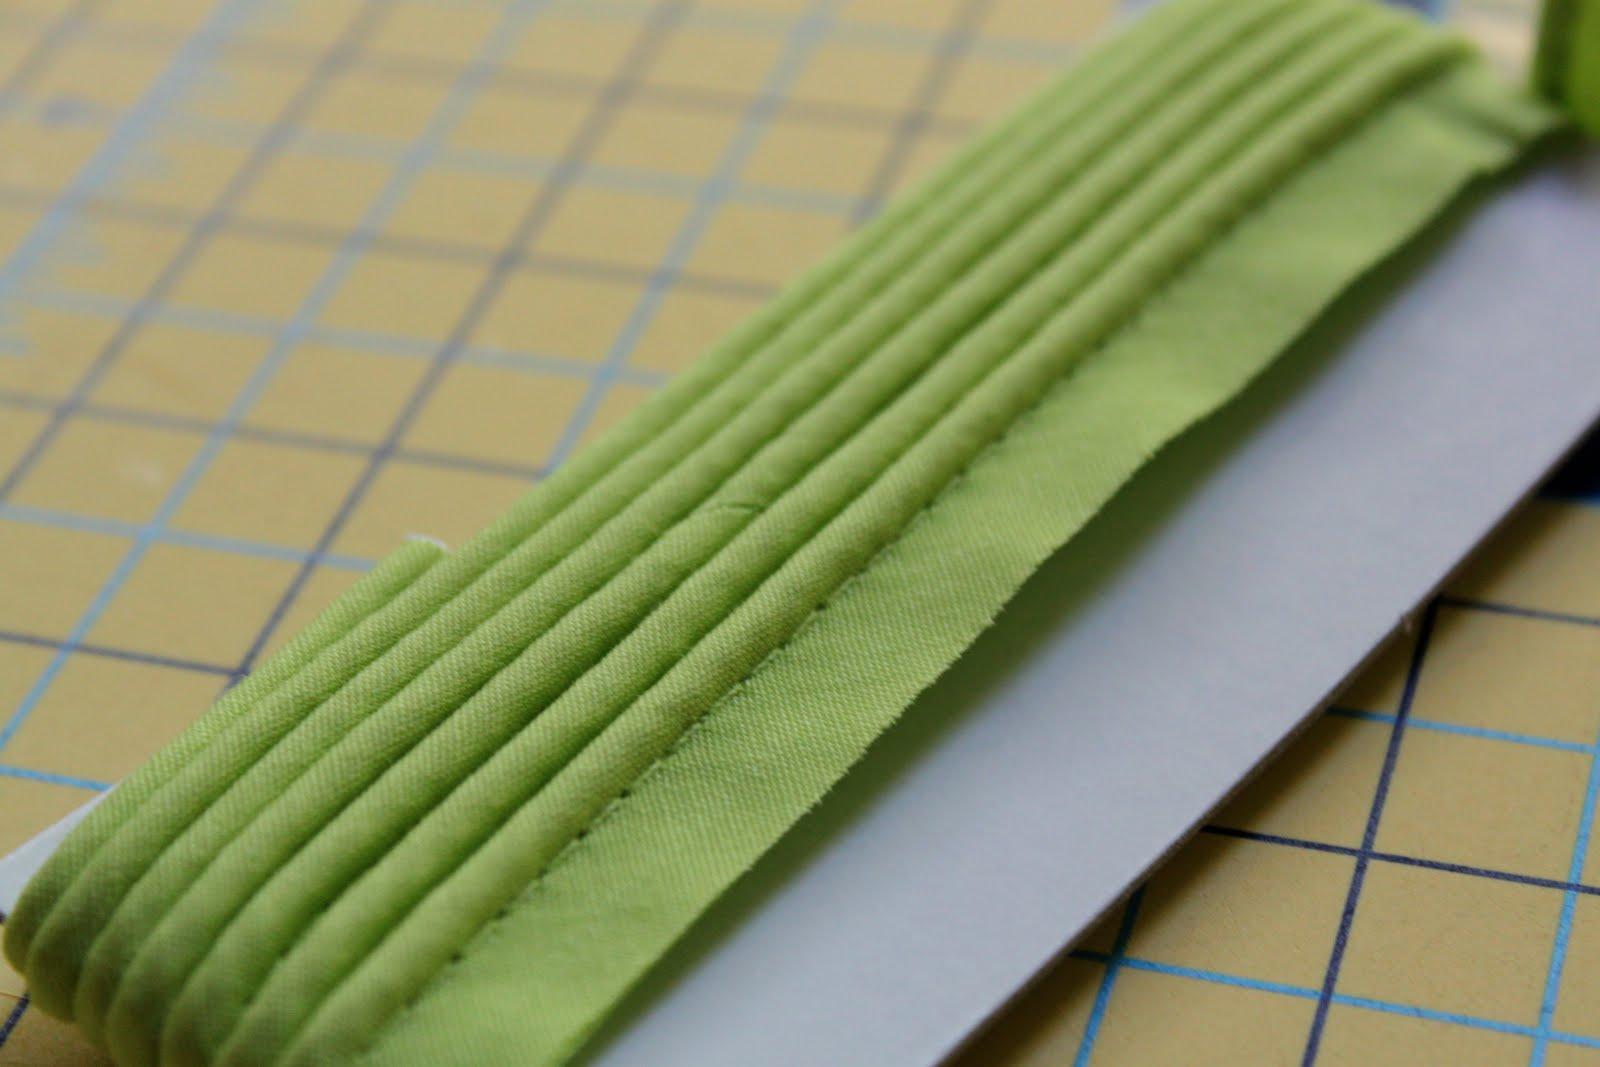 Narrow Orange Piping Sewing Trim